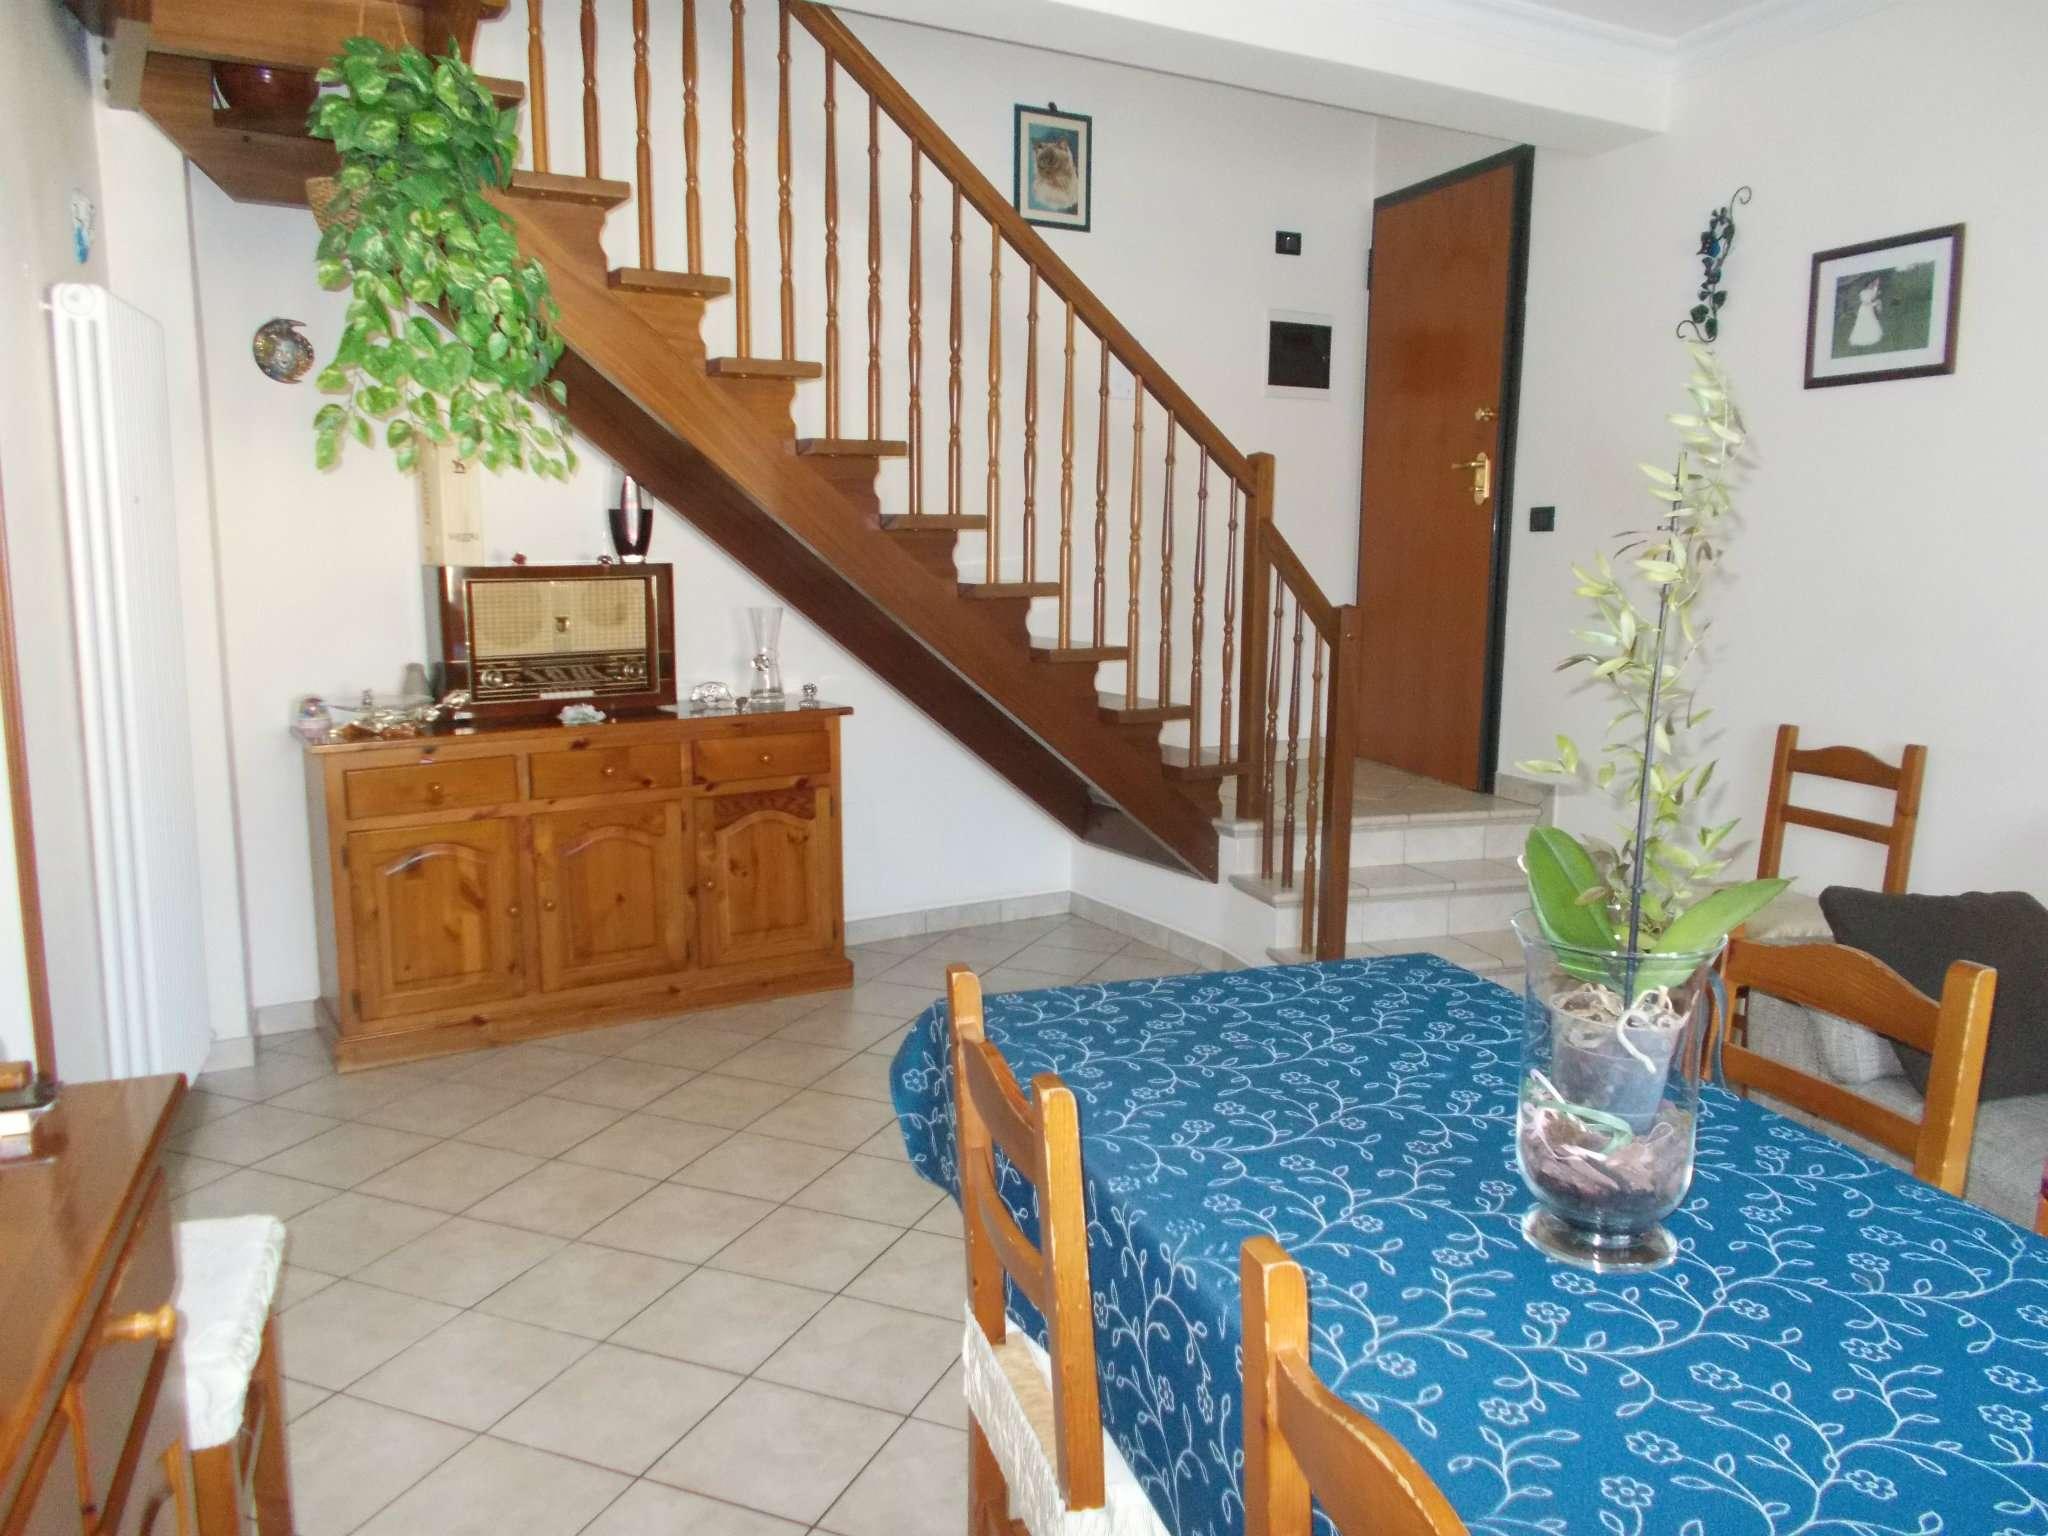 Appartamento in vendita a Bibbiano, 5 locali, prezzo € 160.000 | CambioCasa.it